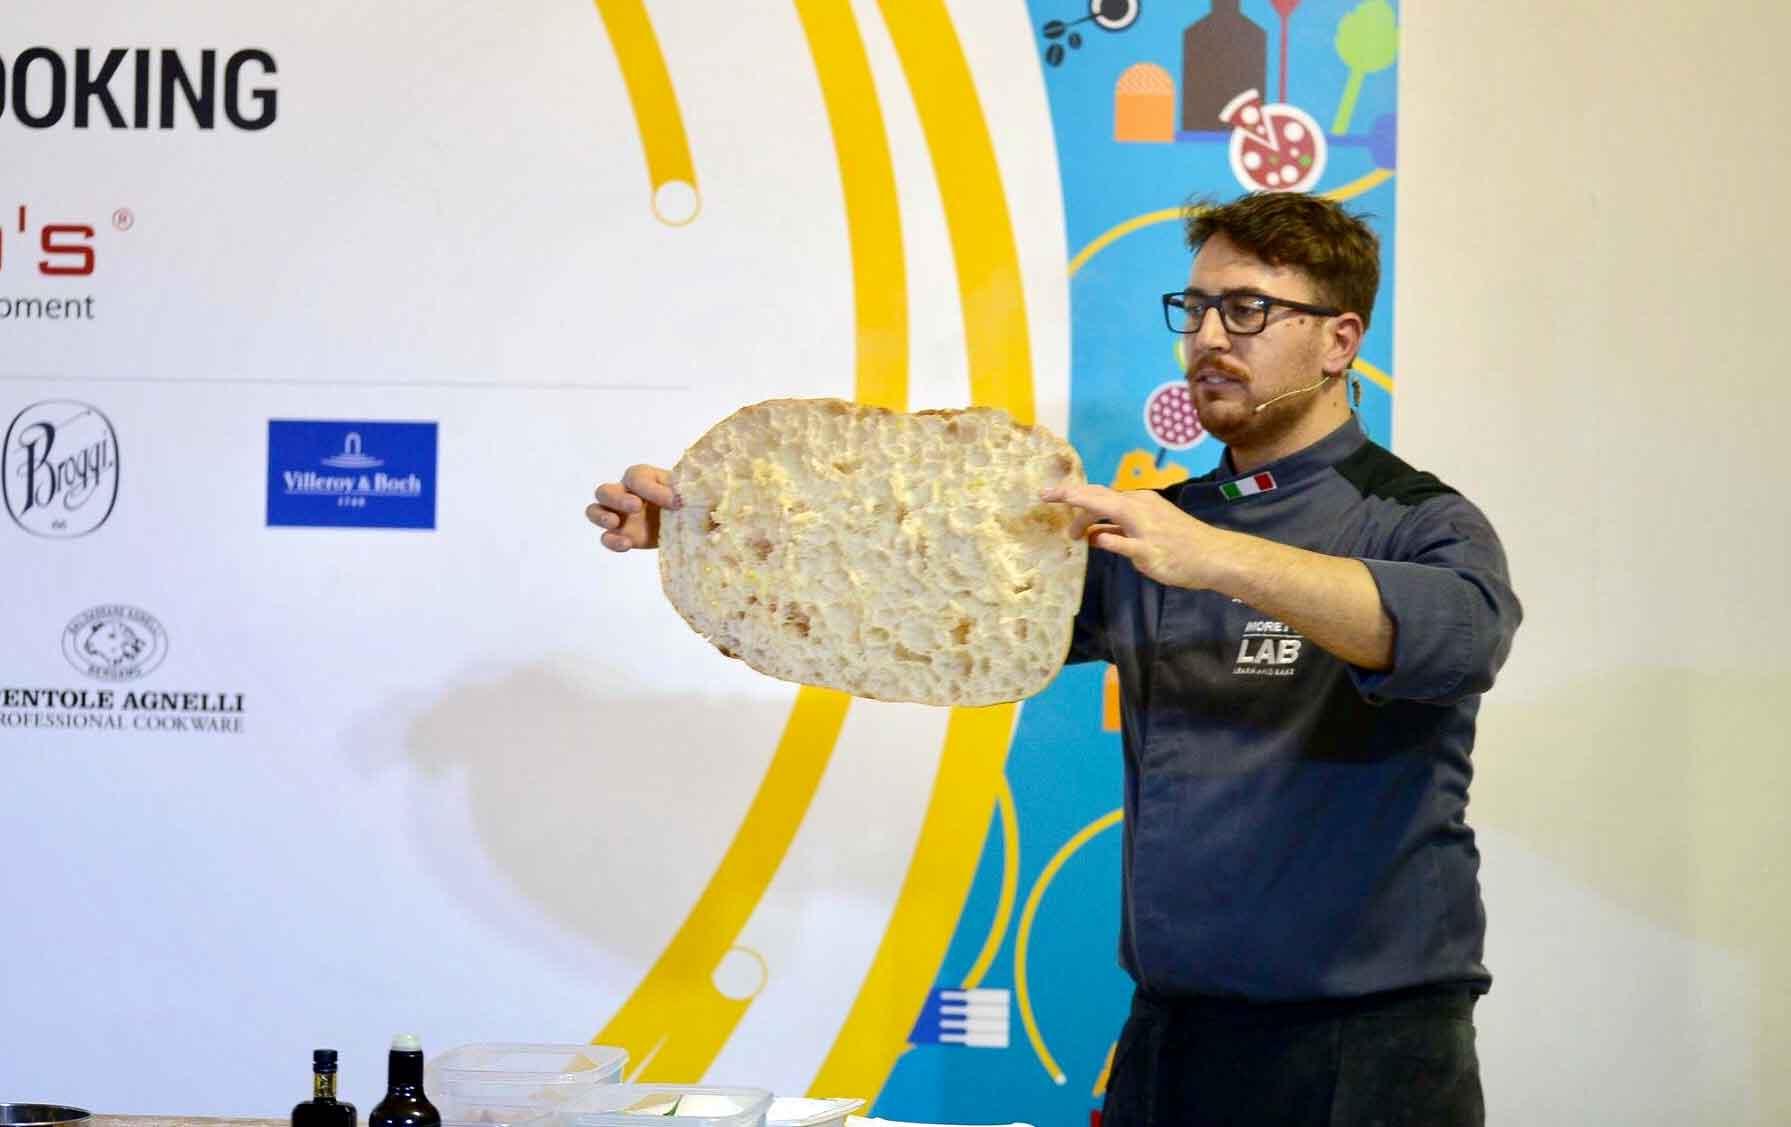 Lezioni di Pizza Supercrust alla romana con biga